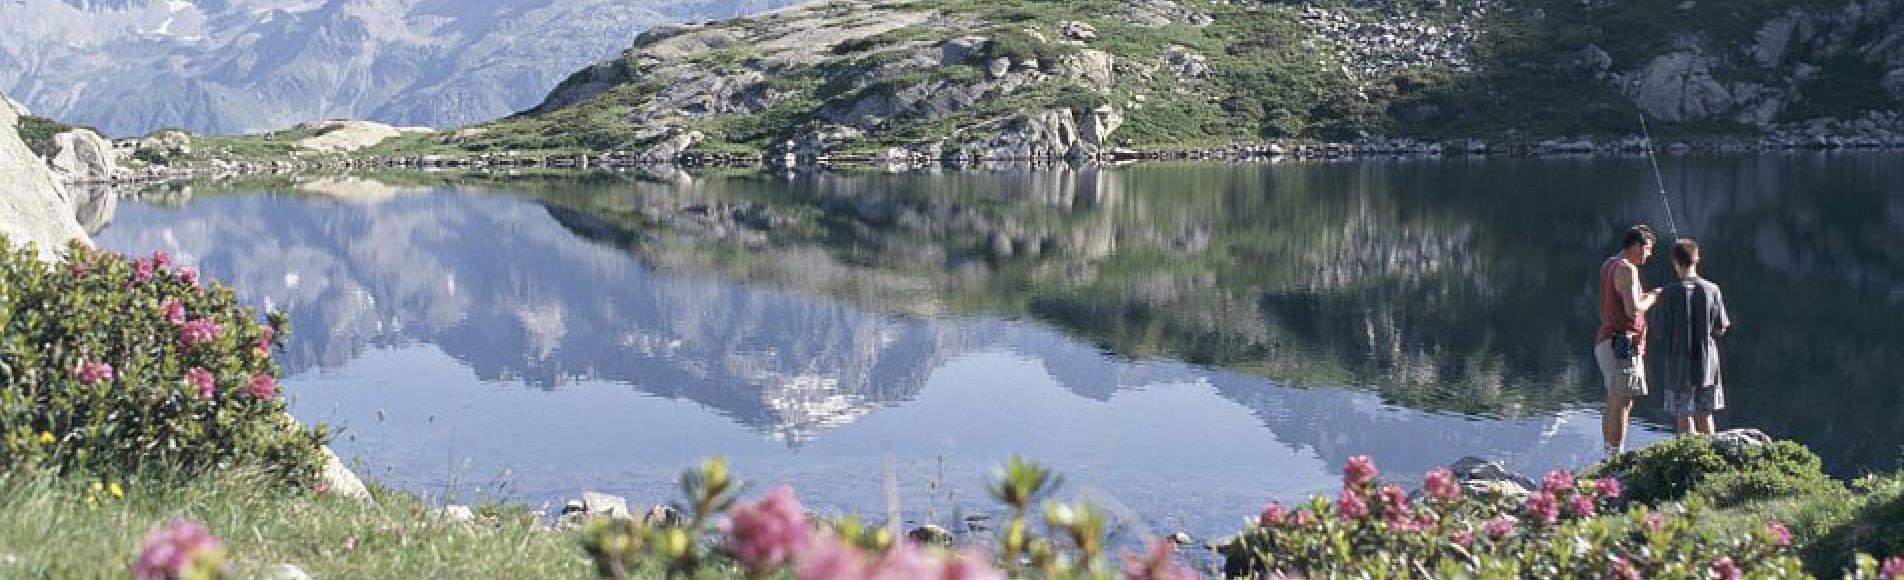 Lac Pétarel - © Daniel Roche - Parc national des Écrins